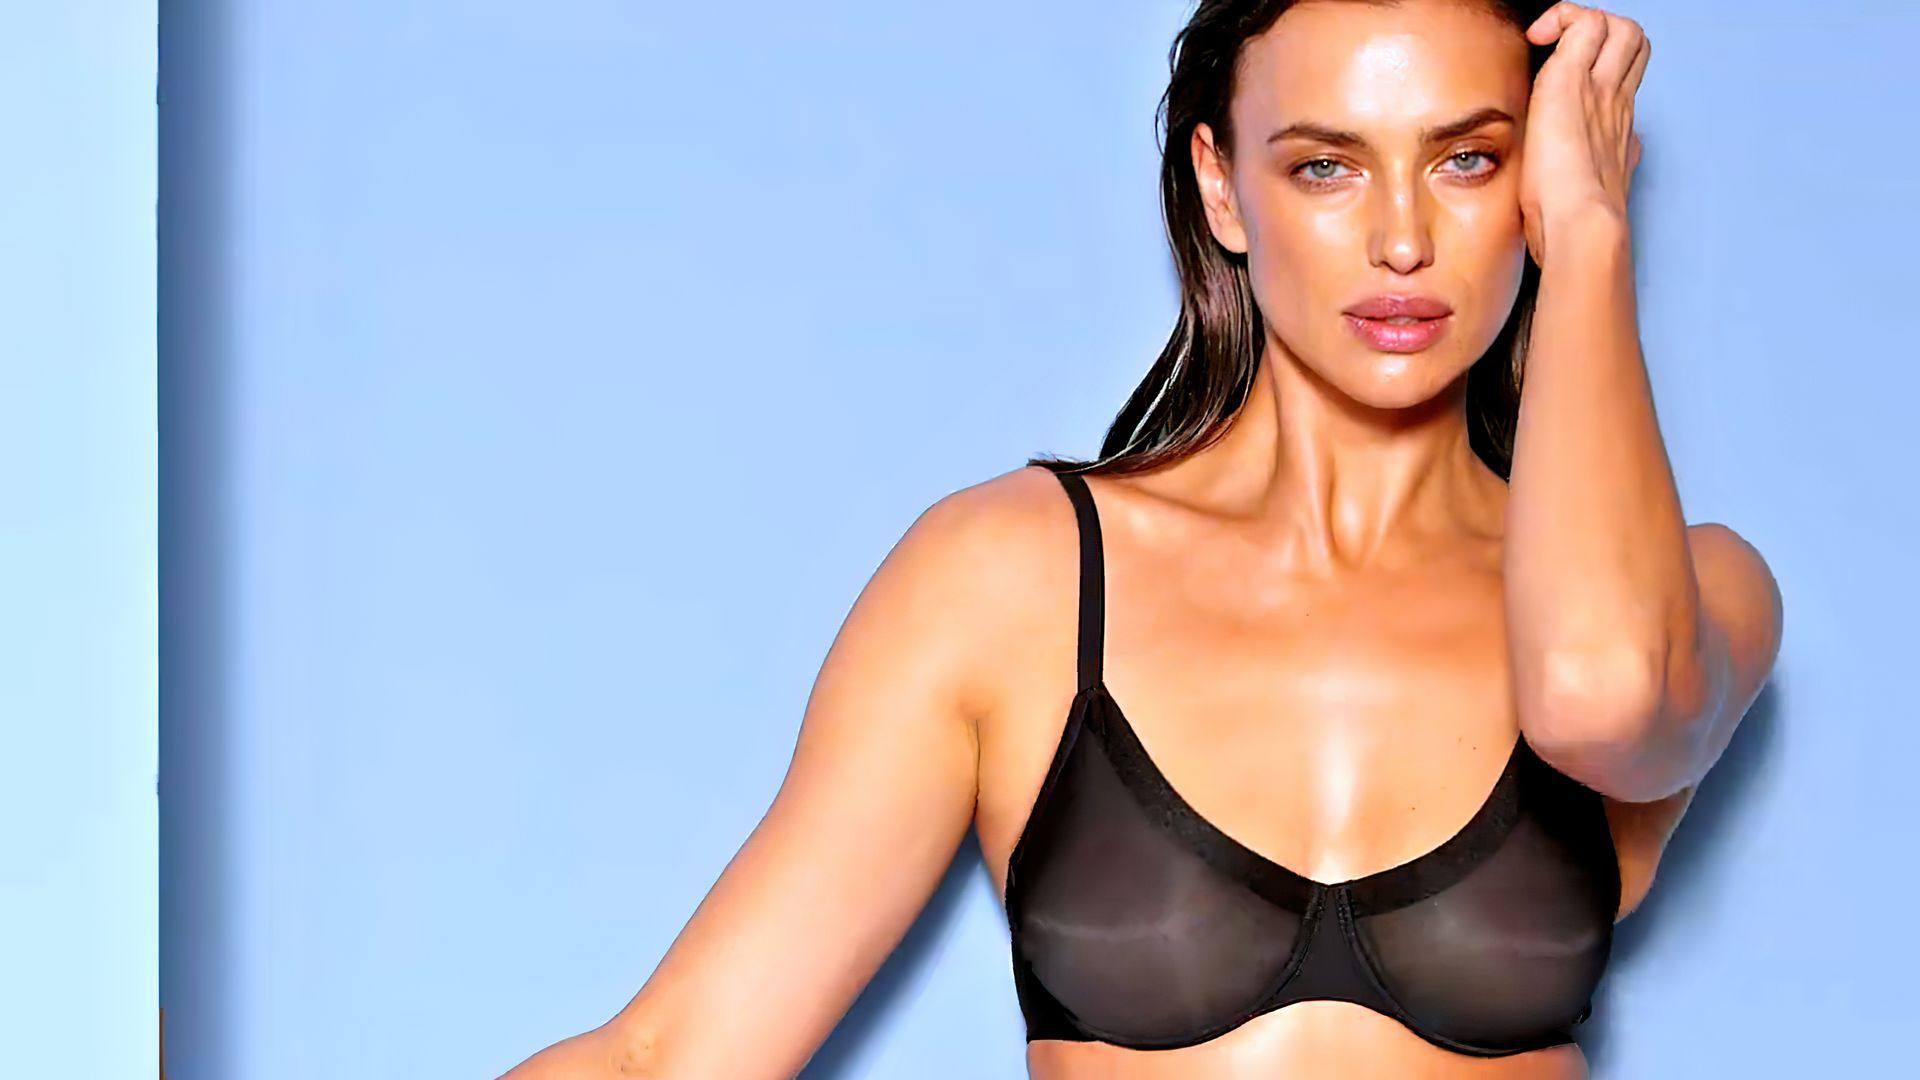 Irina Shayk Hot In Black Lingerie